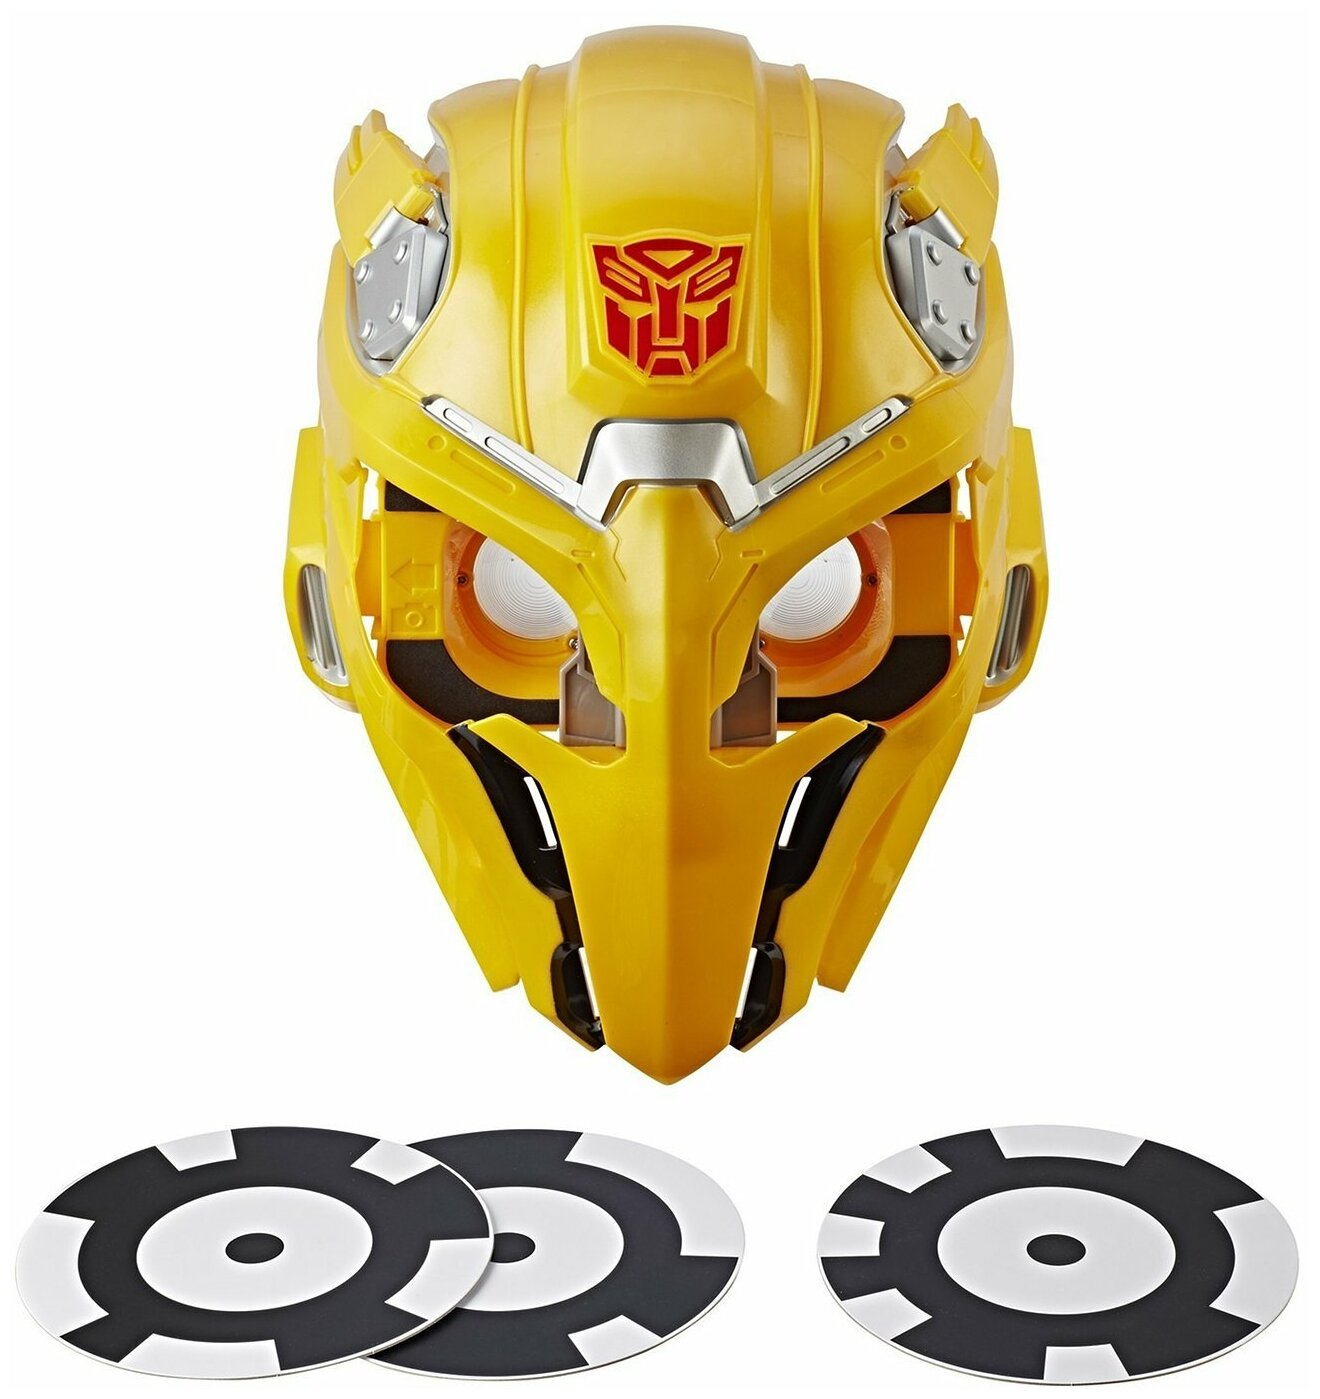 Очки виртуальной реальности для смартфона Hasbro Transformers Bee Vision — купить по выгодной цене на Яндекс.Маркете